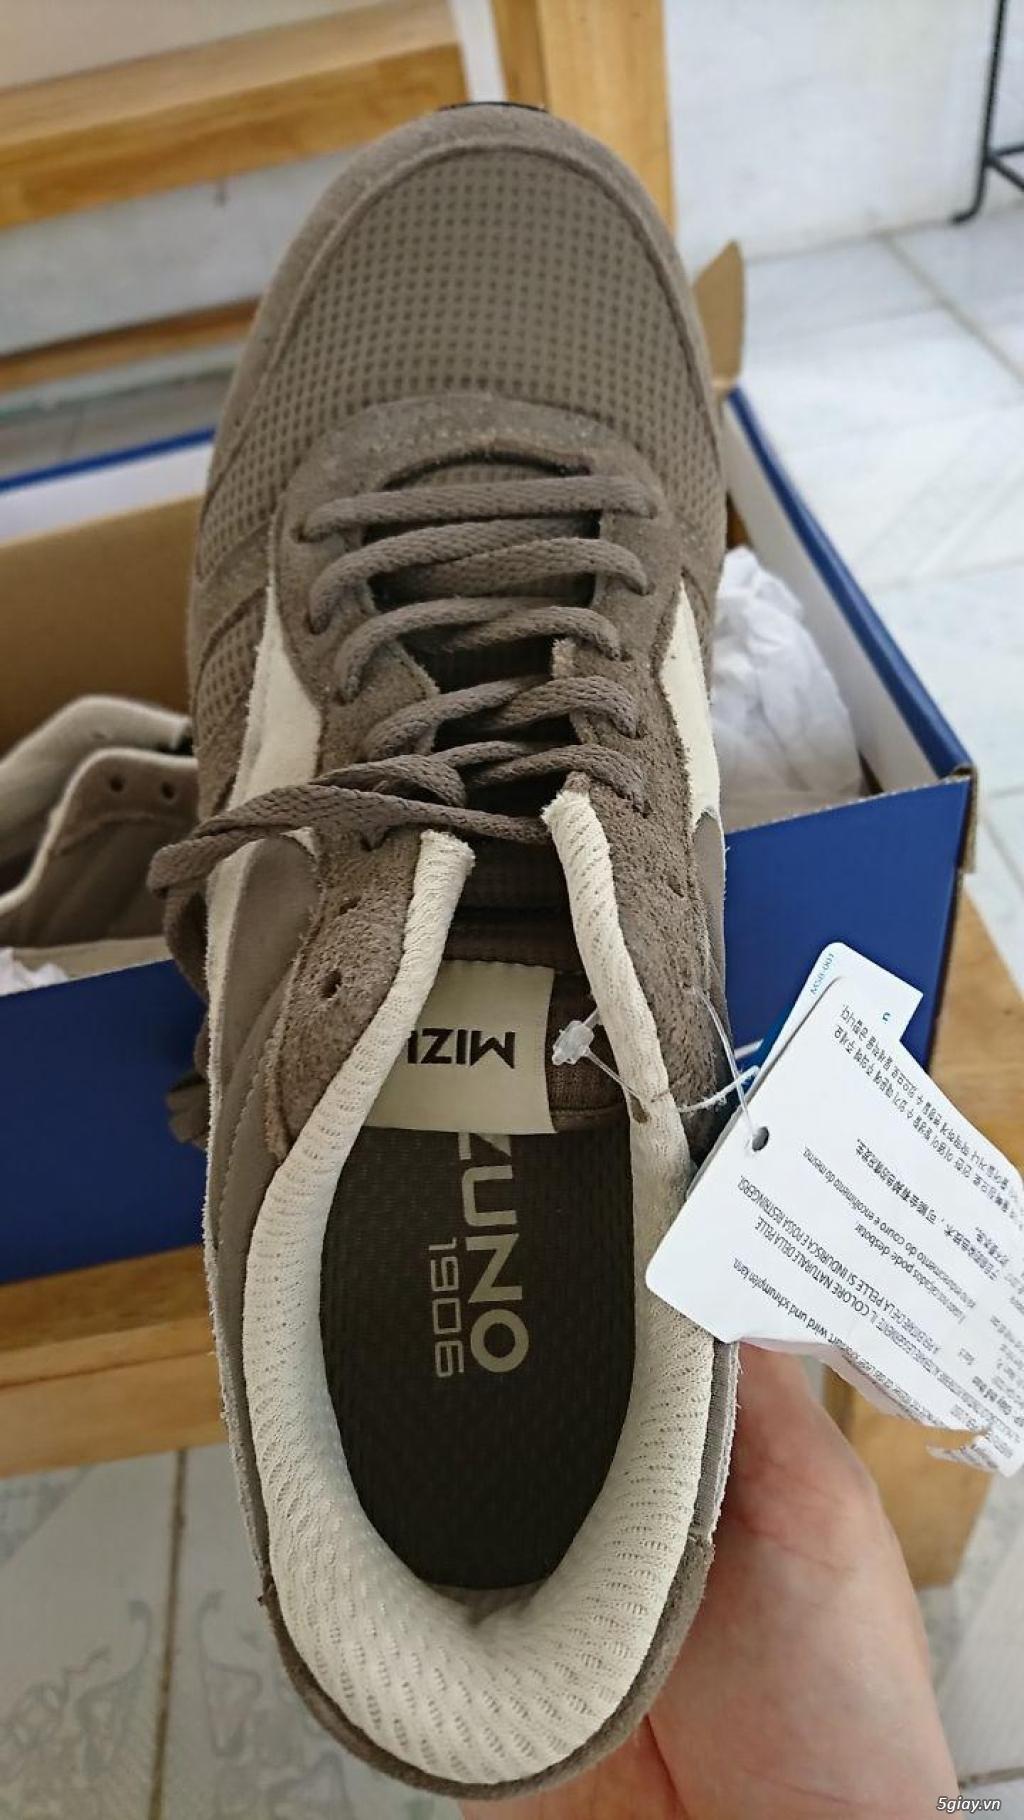 Cần bán giày thể thao Mizuno nữ size 38 chính hãng mới 100% - 4